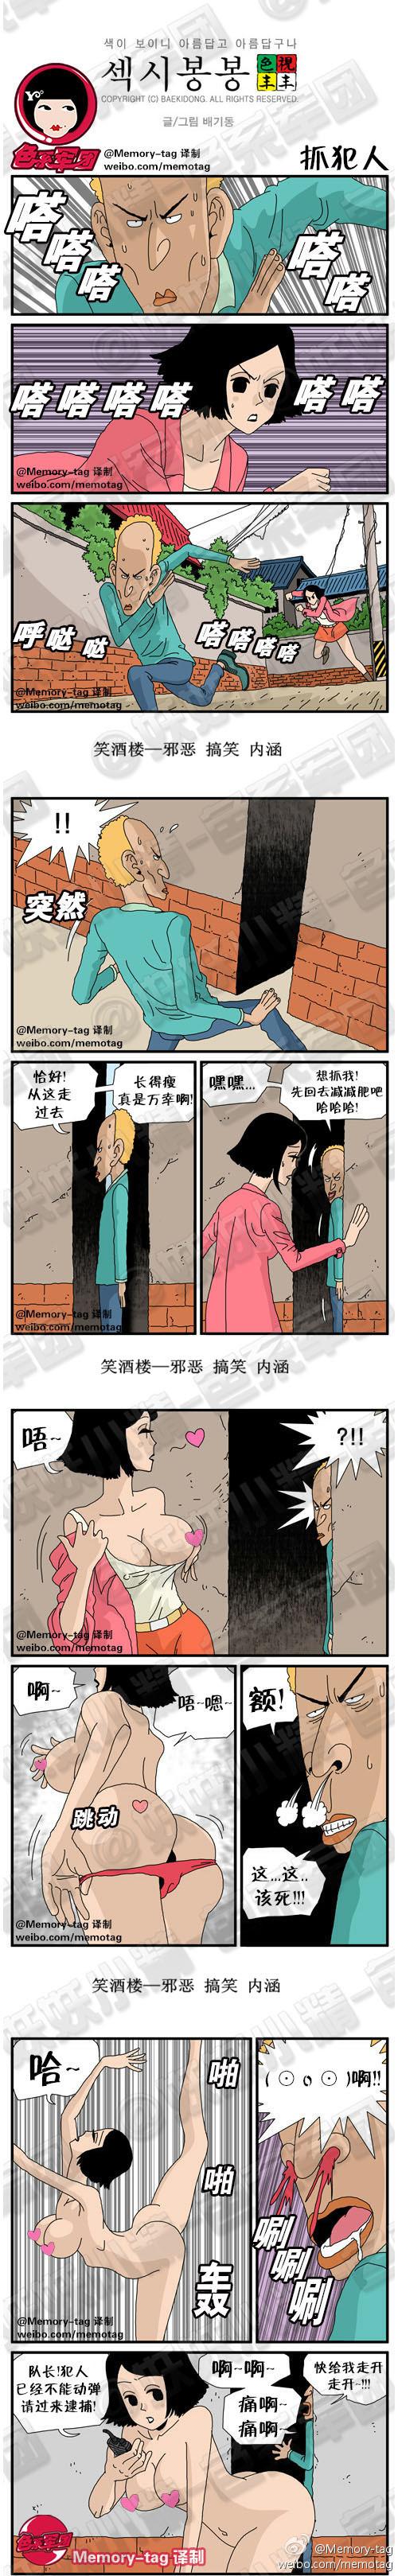 邪恶漫画|性感白雪公主 小裤裤的弹性真好啊 邪恶少女漫画 图9